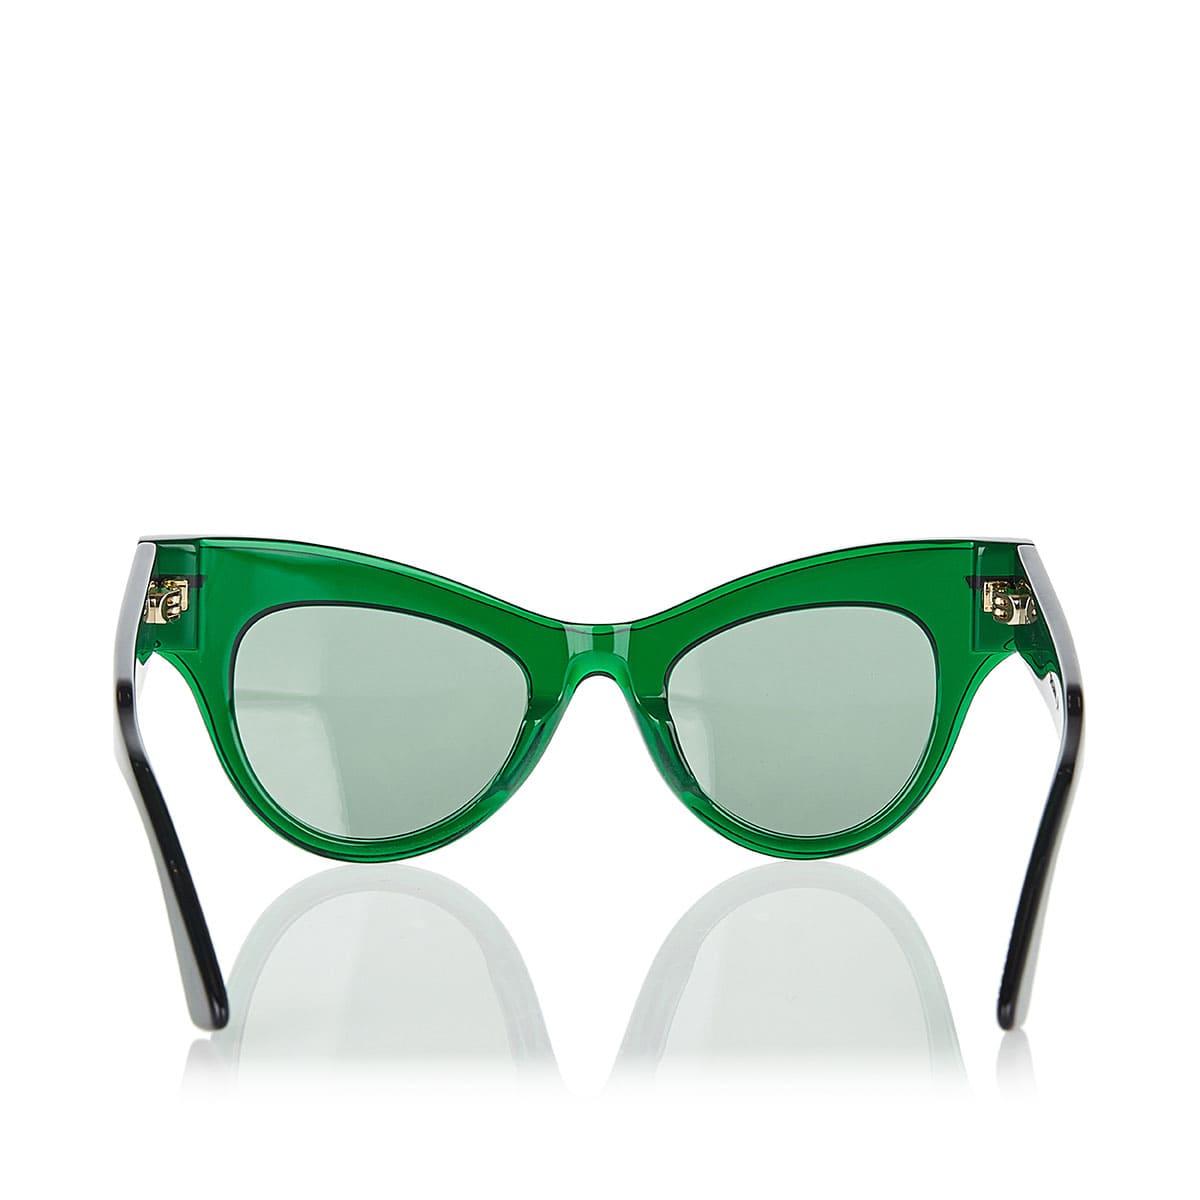 The Original 04 sunglasses